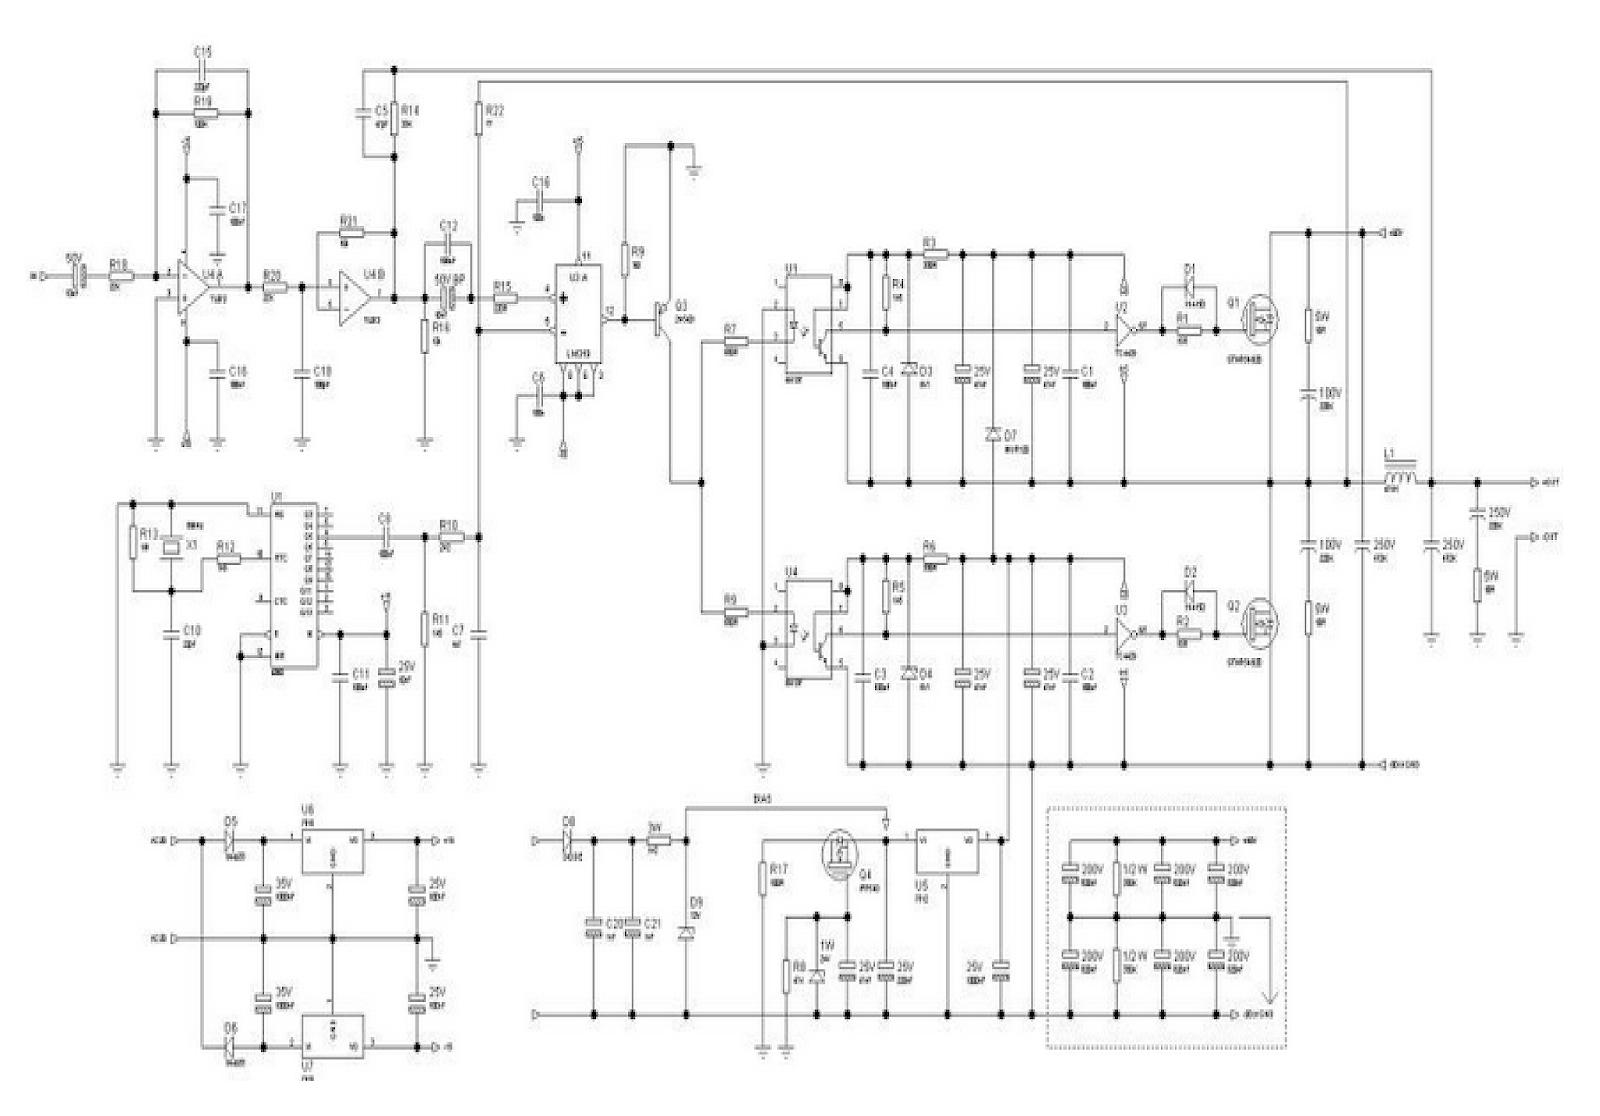 hight resolution of class d amplifier schematic 1000w